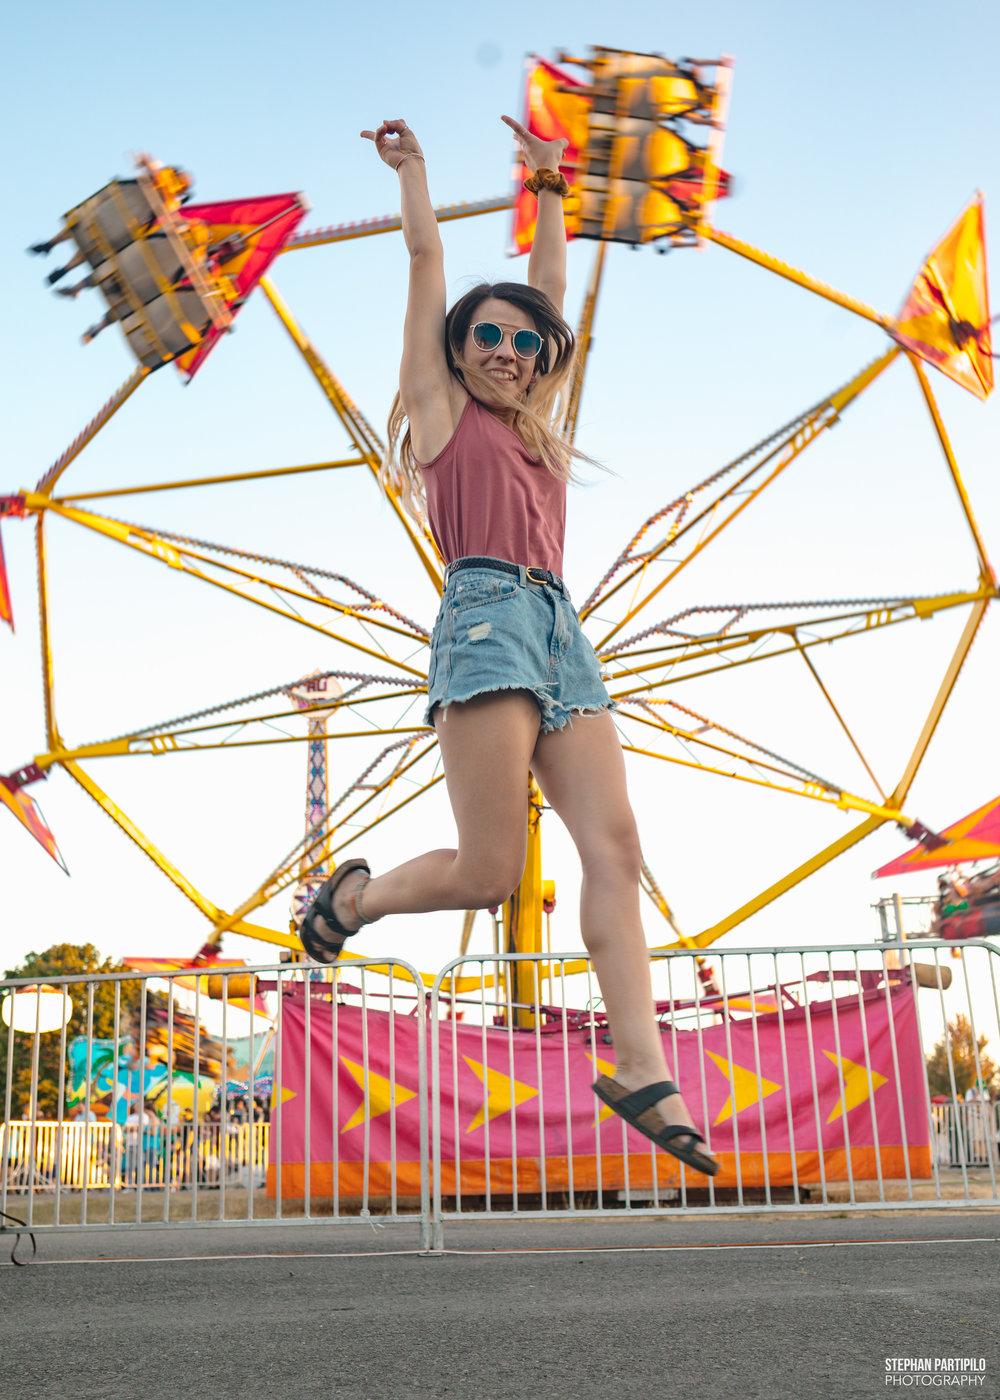 Keilani Fair pt2 0G5A8163.jpg